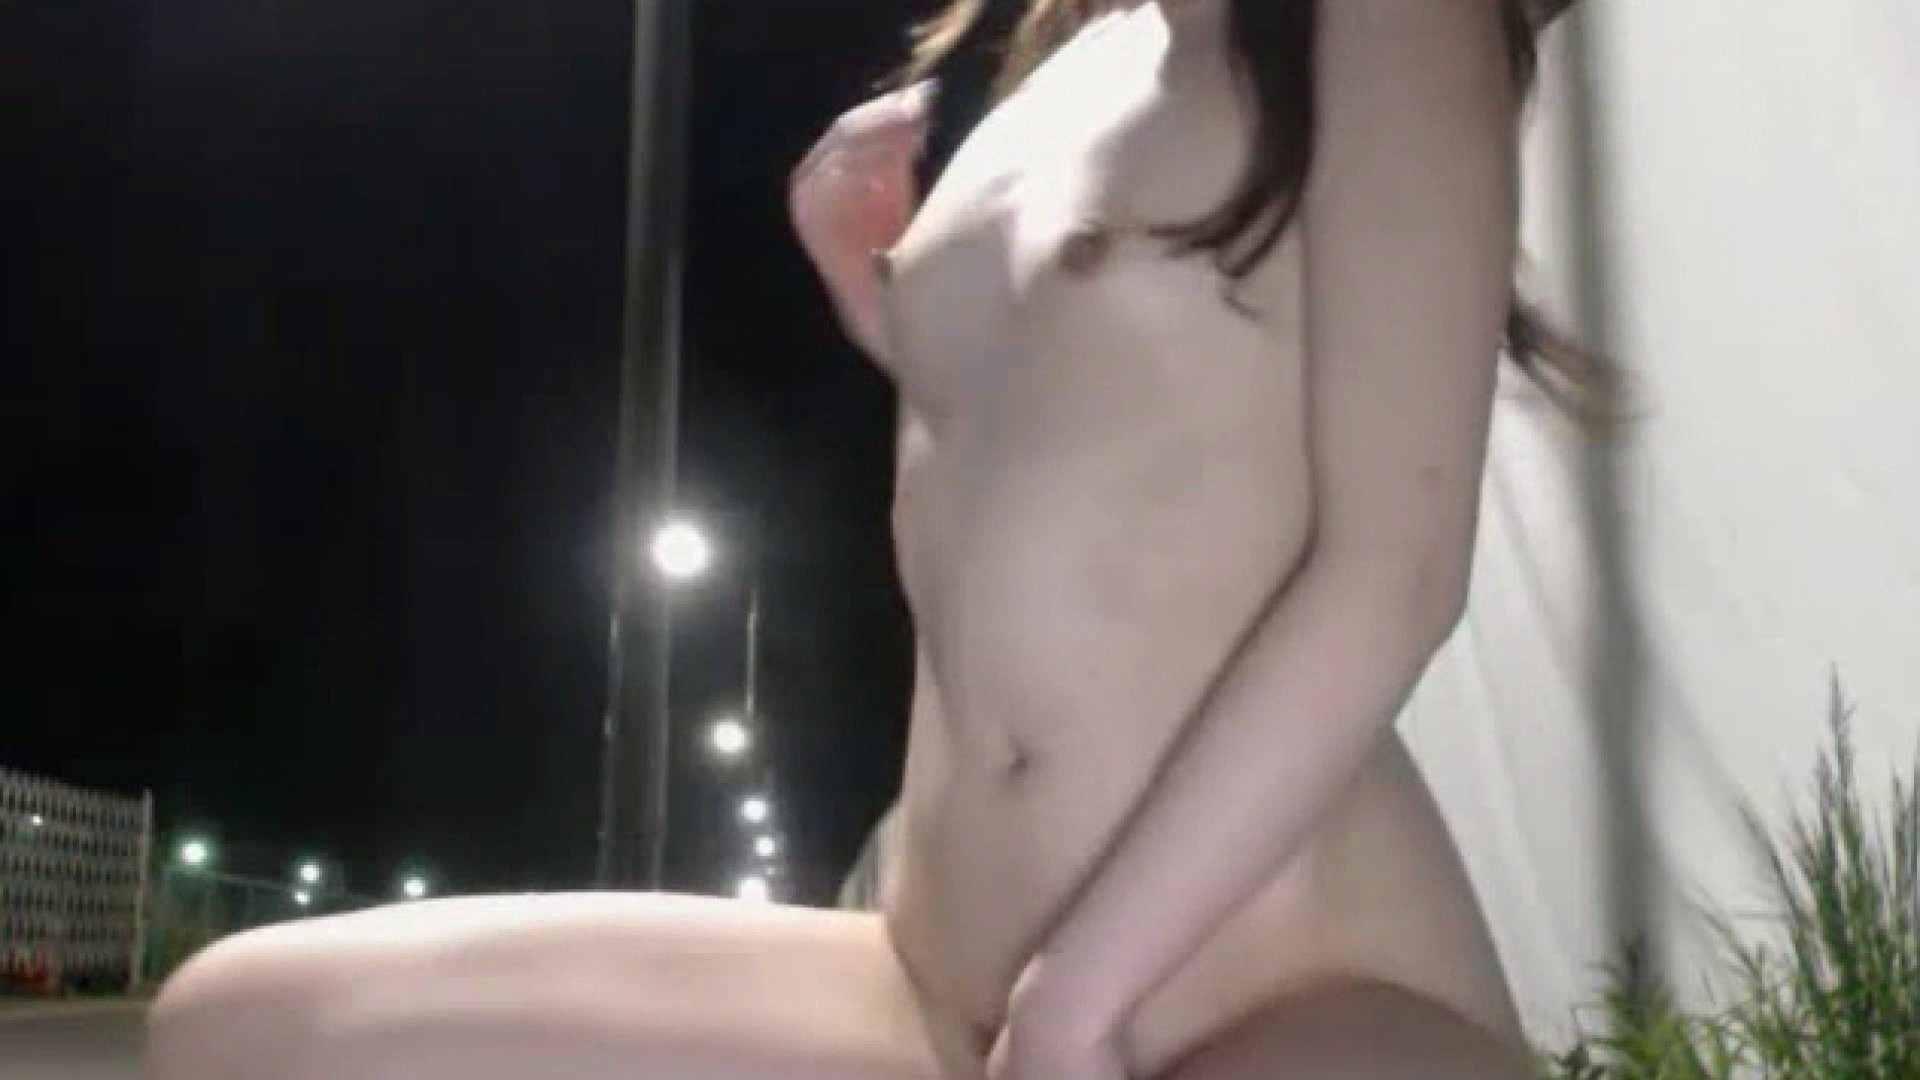 変態オナニー劇場 Vol.43 オナニー映像 盗撮画像 89枚 15